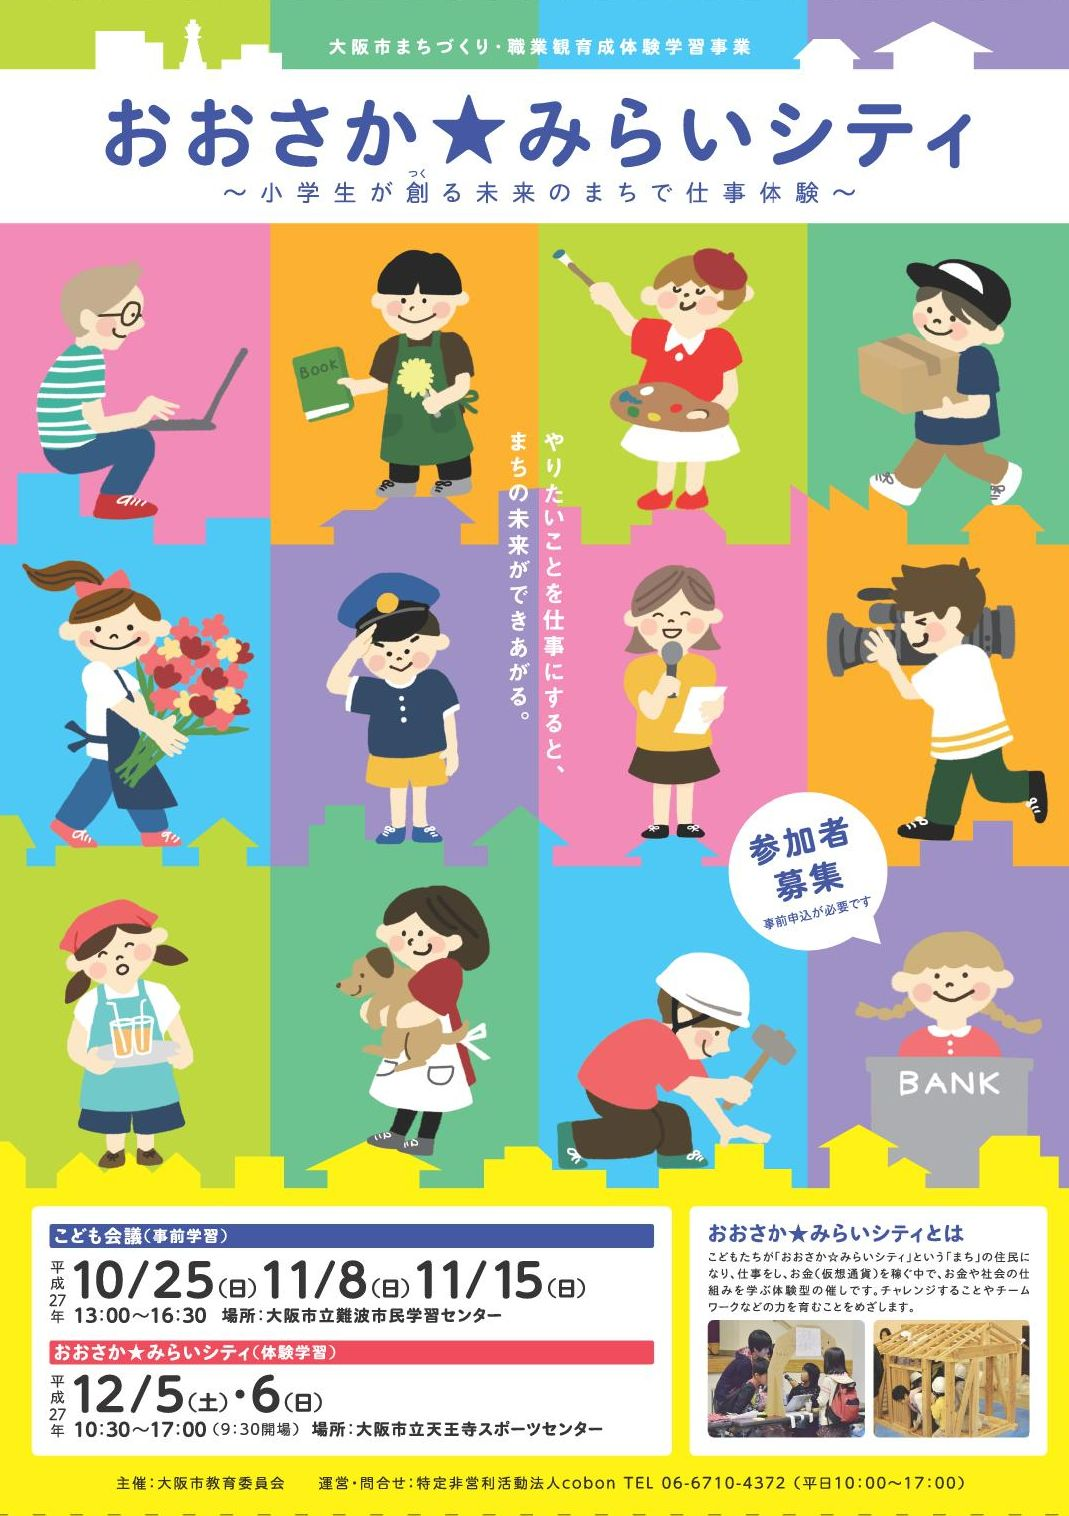 http://www.cobon.jp/news/19785-252085_noc_01.p1_0_01.jpg